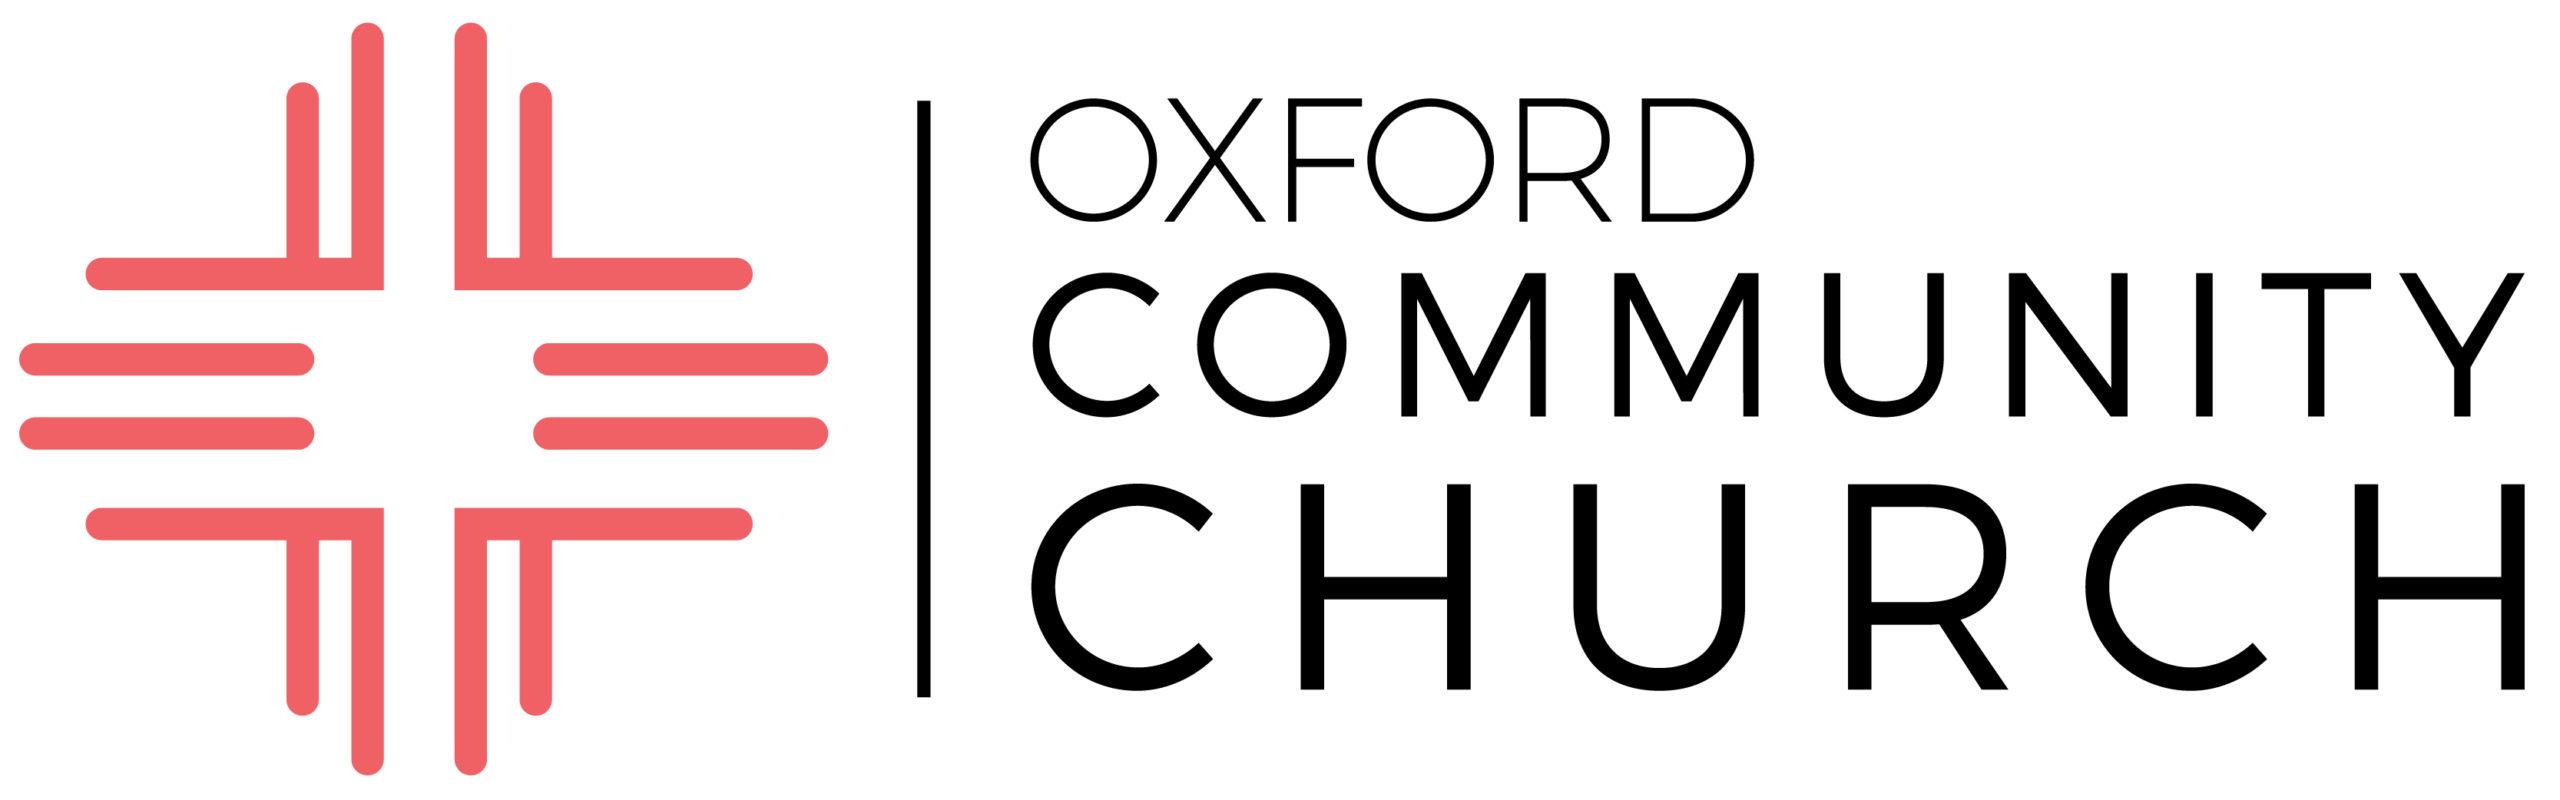 Oxford community church logo